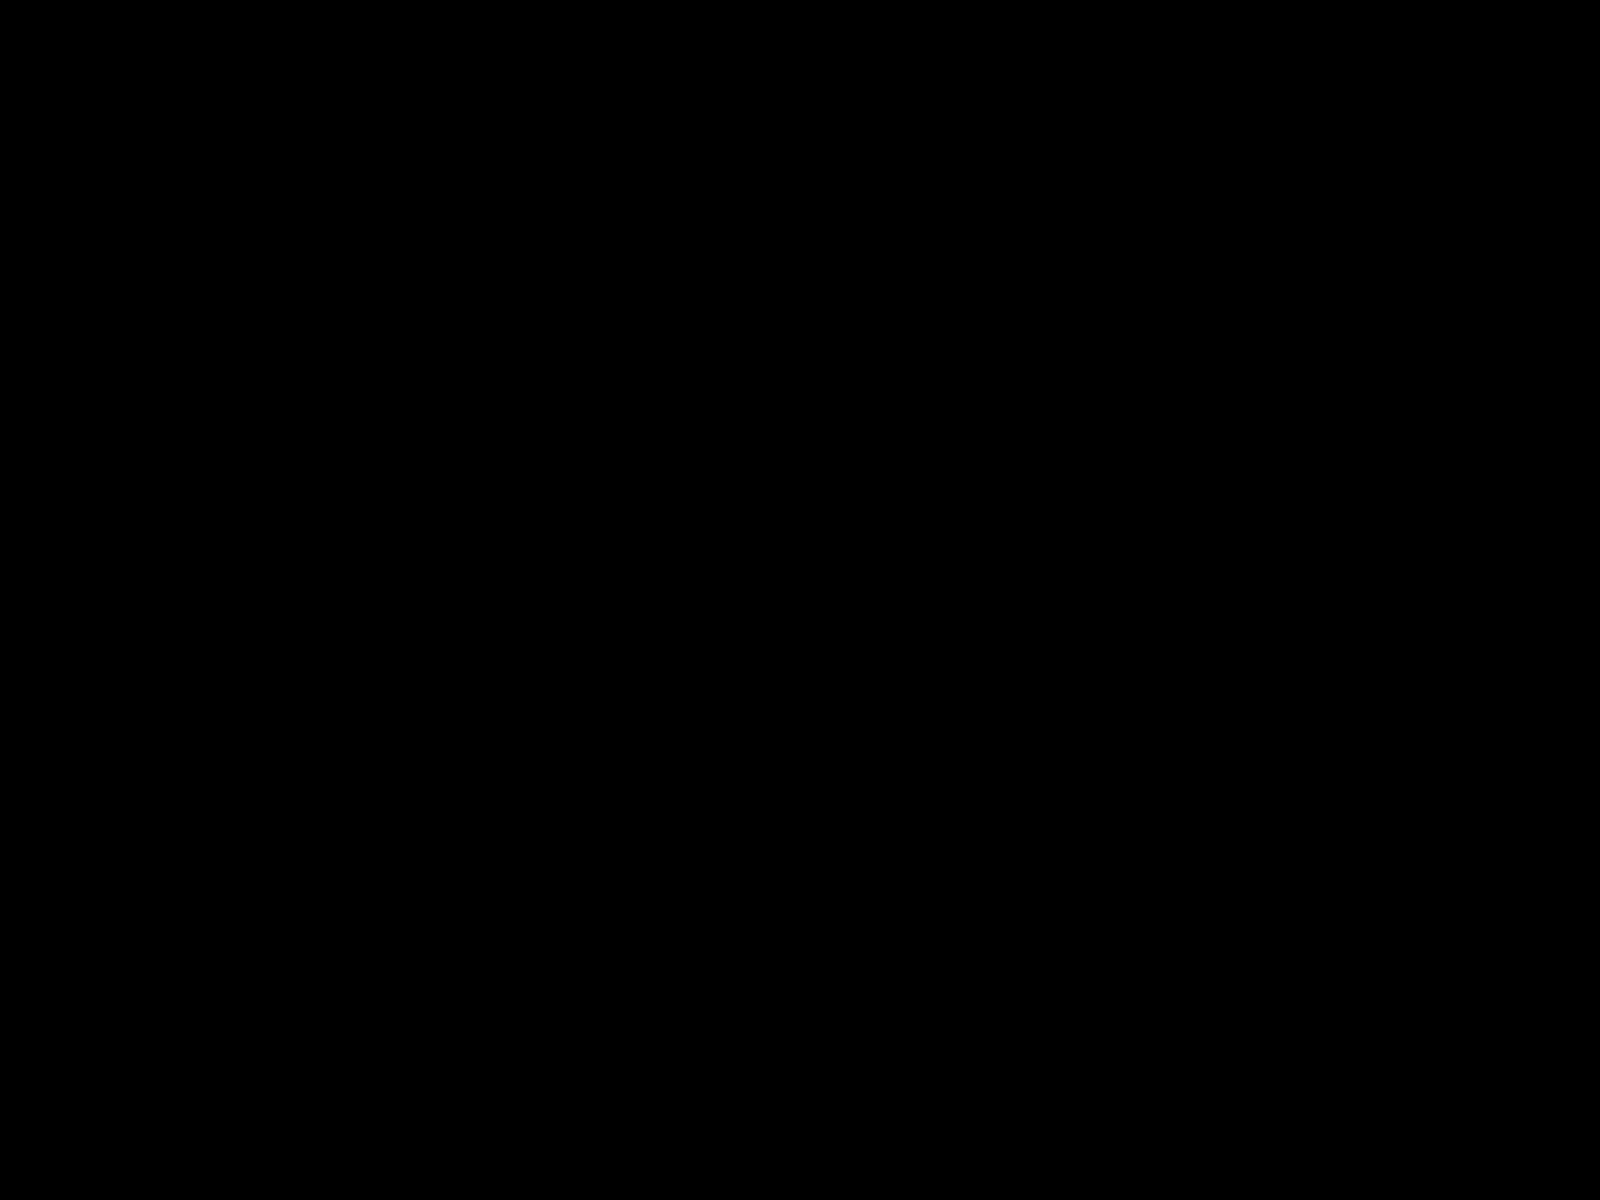 Lunette salvietta disinfettante per la Coppetta mestruale